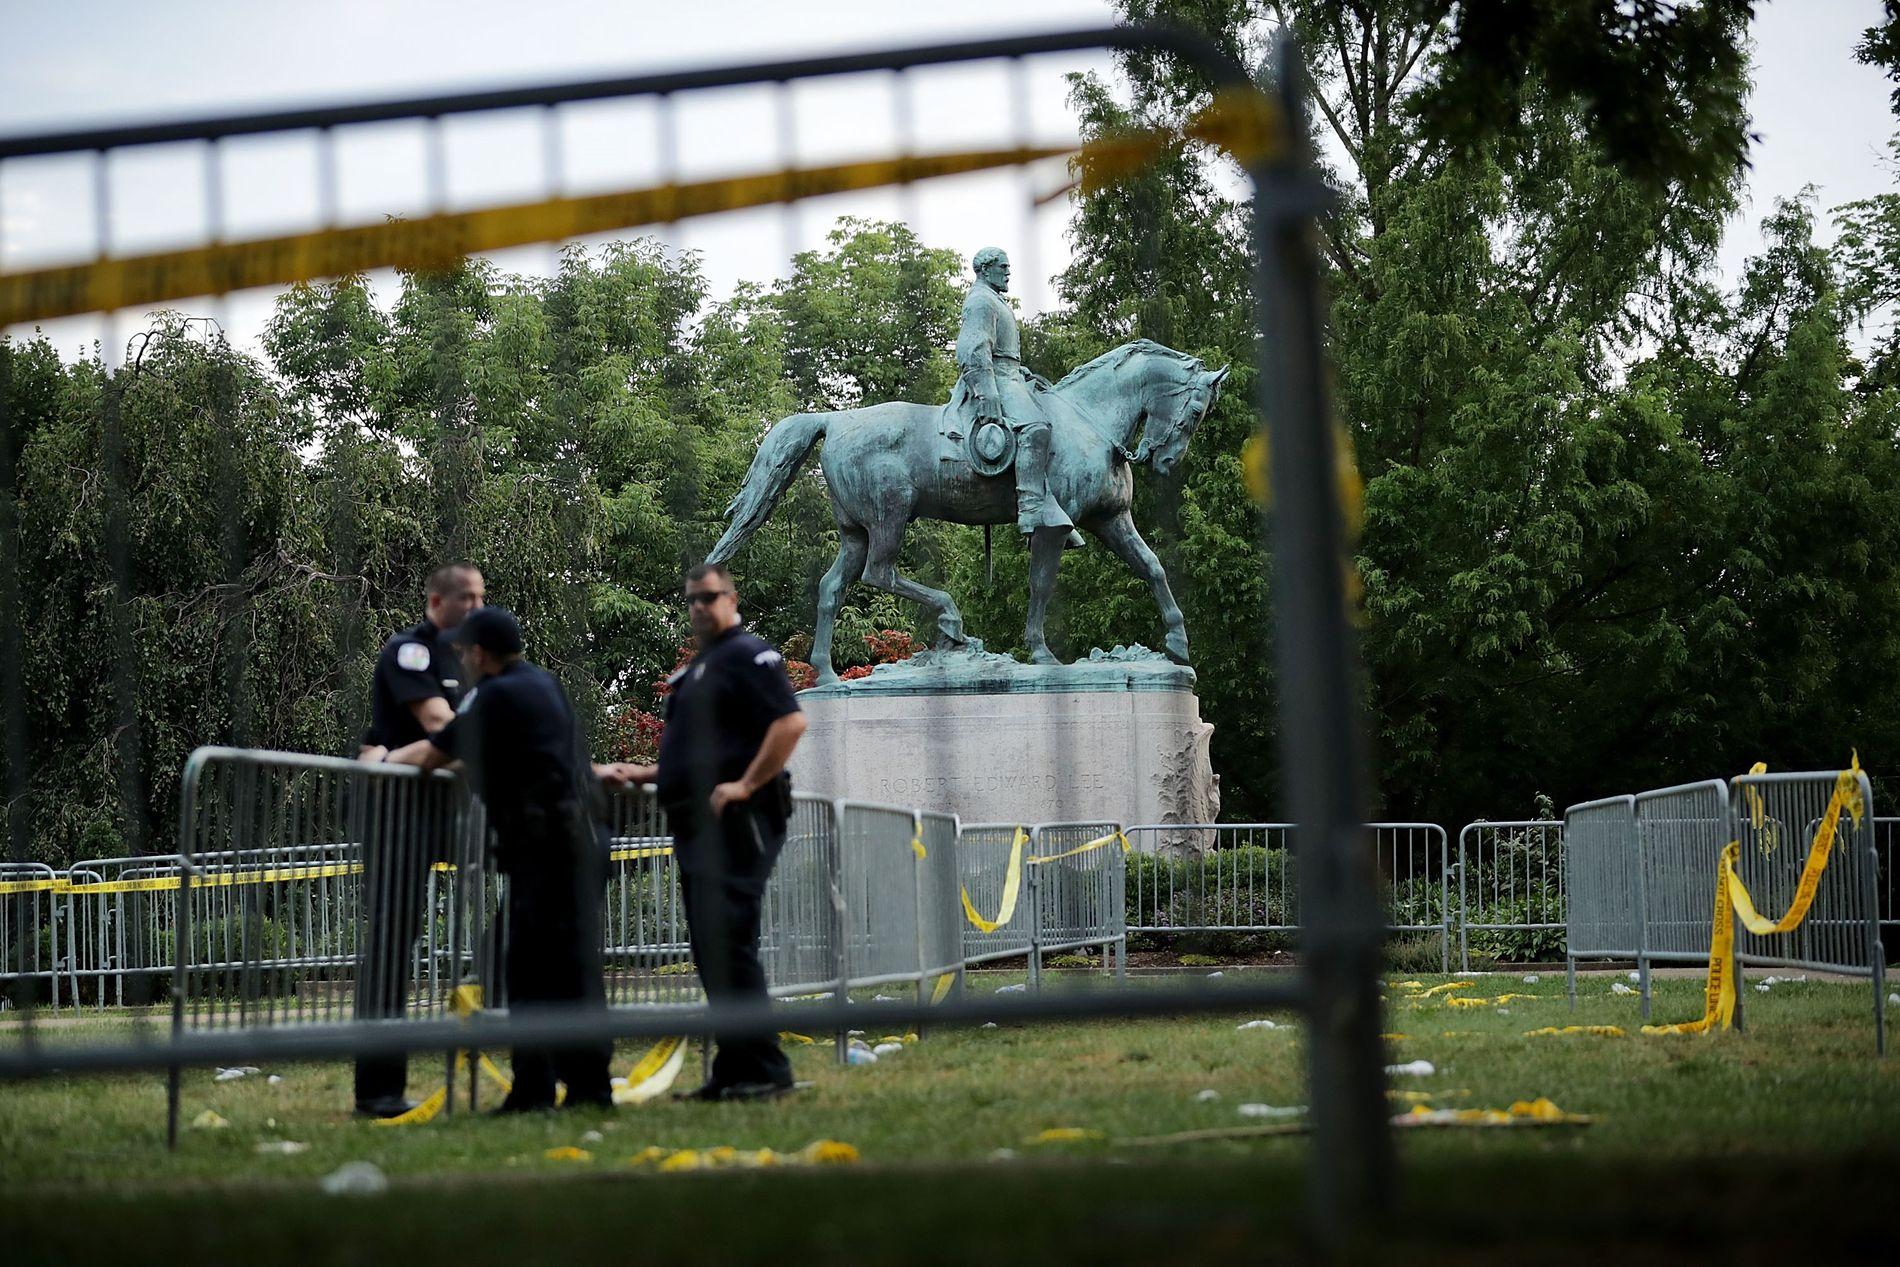 OMSTRIDT: Politiet i Charlottesville holder vakt ved statuen av sørstatsgeneralen Robert E. Lee, som utløste opptøyene i helgen. Foto: AFP